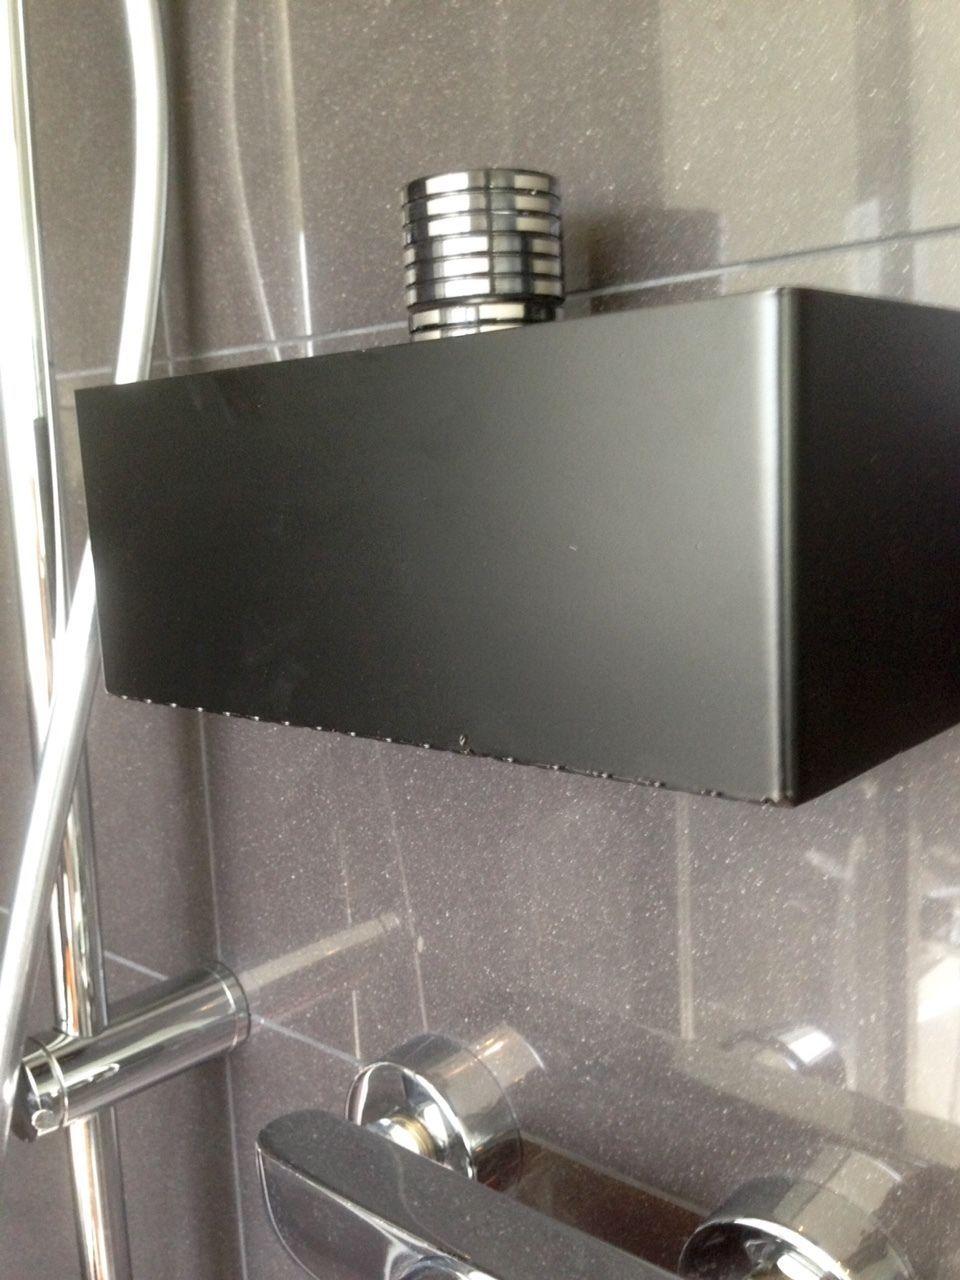 Dusche Bad Wc Ablage Duschregal Seifen Shampoo Regal Ohne Bohren Schwarz Masiv Regal Ohne Bohren Duschregal Dusche